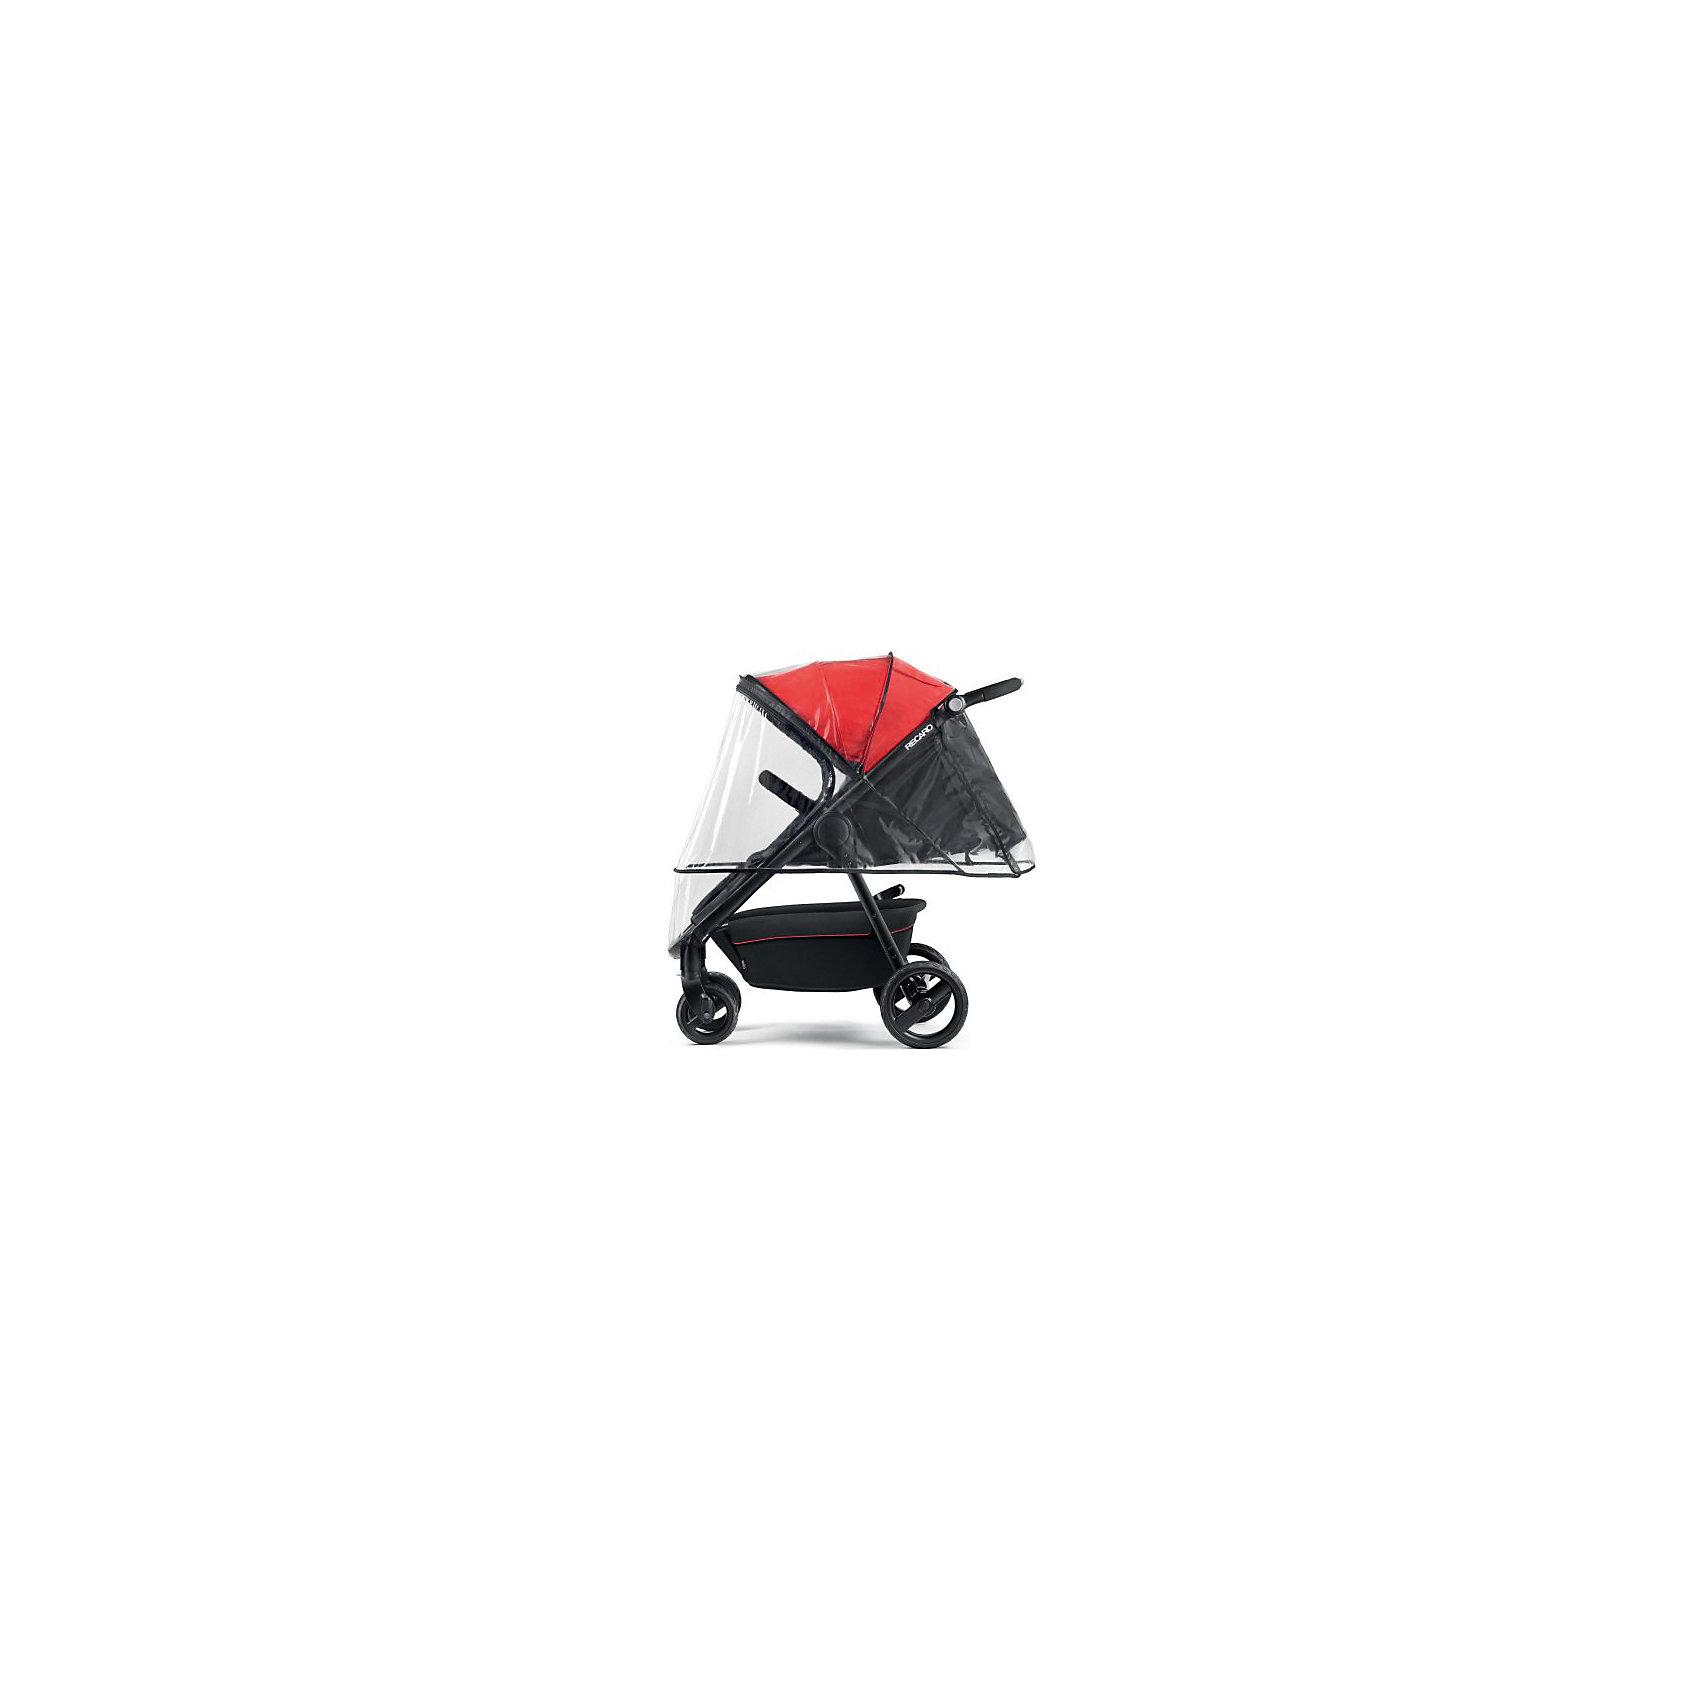 Дождевик для коляски  Citylife,  RecaroДождевик для прогулочной коляски Citylife – прозрачный аксессуар из плотного материала, который предназначен для защиты малыша от дождя, а также, для защиты чехлов коляски от промокания под дождем или снегом. <br><br>Дождевик полностью закрывает прогулочный блок коляски, захватывает поверхность от капюшона (в том числе и при разложенной спинке) до подножки включительно. <br><br>Дождевик для коляски Citylife, Recaro можно купить в нашем интернет-магазине.<br><br>Ширина мм: 40<br>Глубина мм: 20<br>Высота мм: 10<br>Вес г: 200<br>Возраст от месяцев: 6<br>Возраст до месяцев: 432<br>Пол: Унисекс<br>Возраст: Детский<br>SKU: 5464653